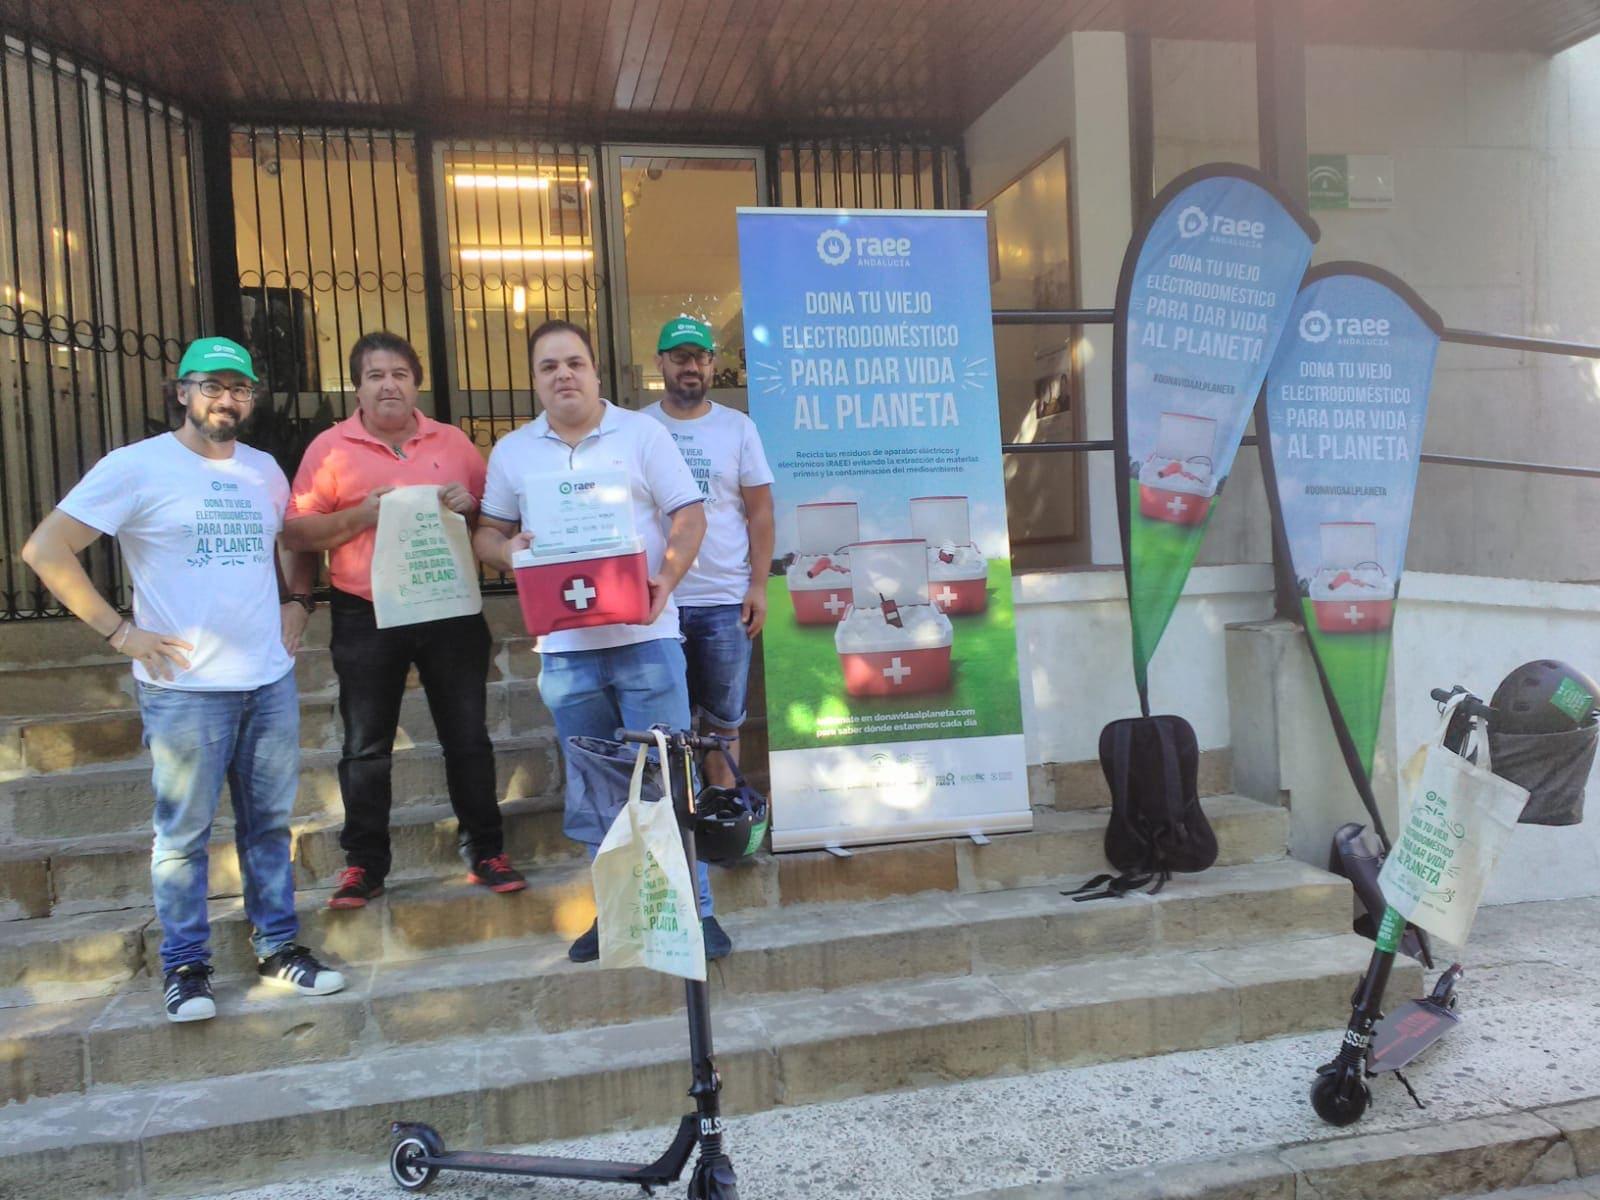 Dona Vida Al Planeta en Martos (Jaén)